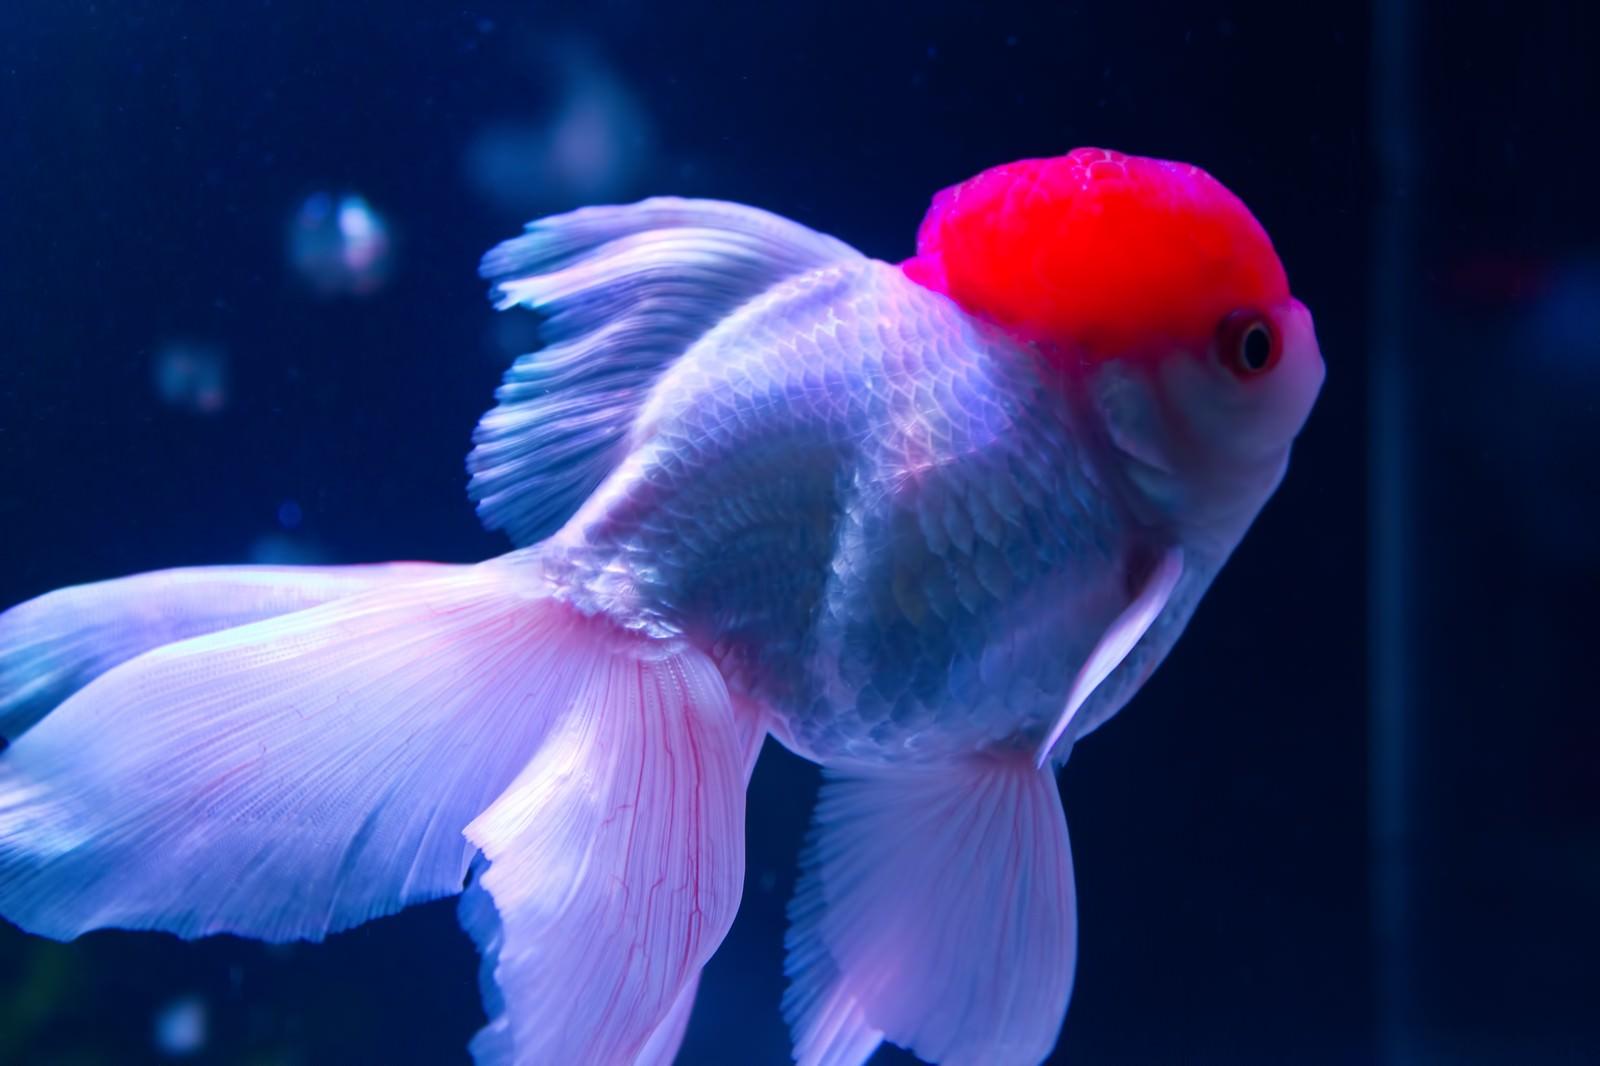 「ぷっくりした丹頂(金魚)」の写真